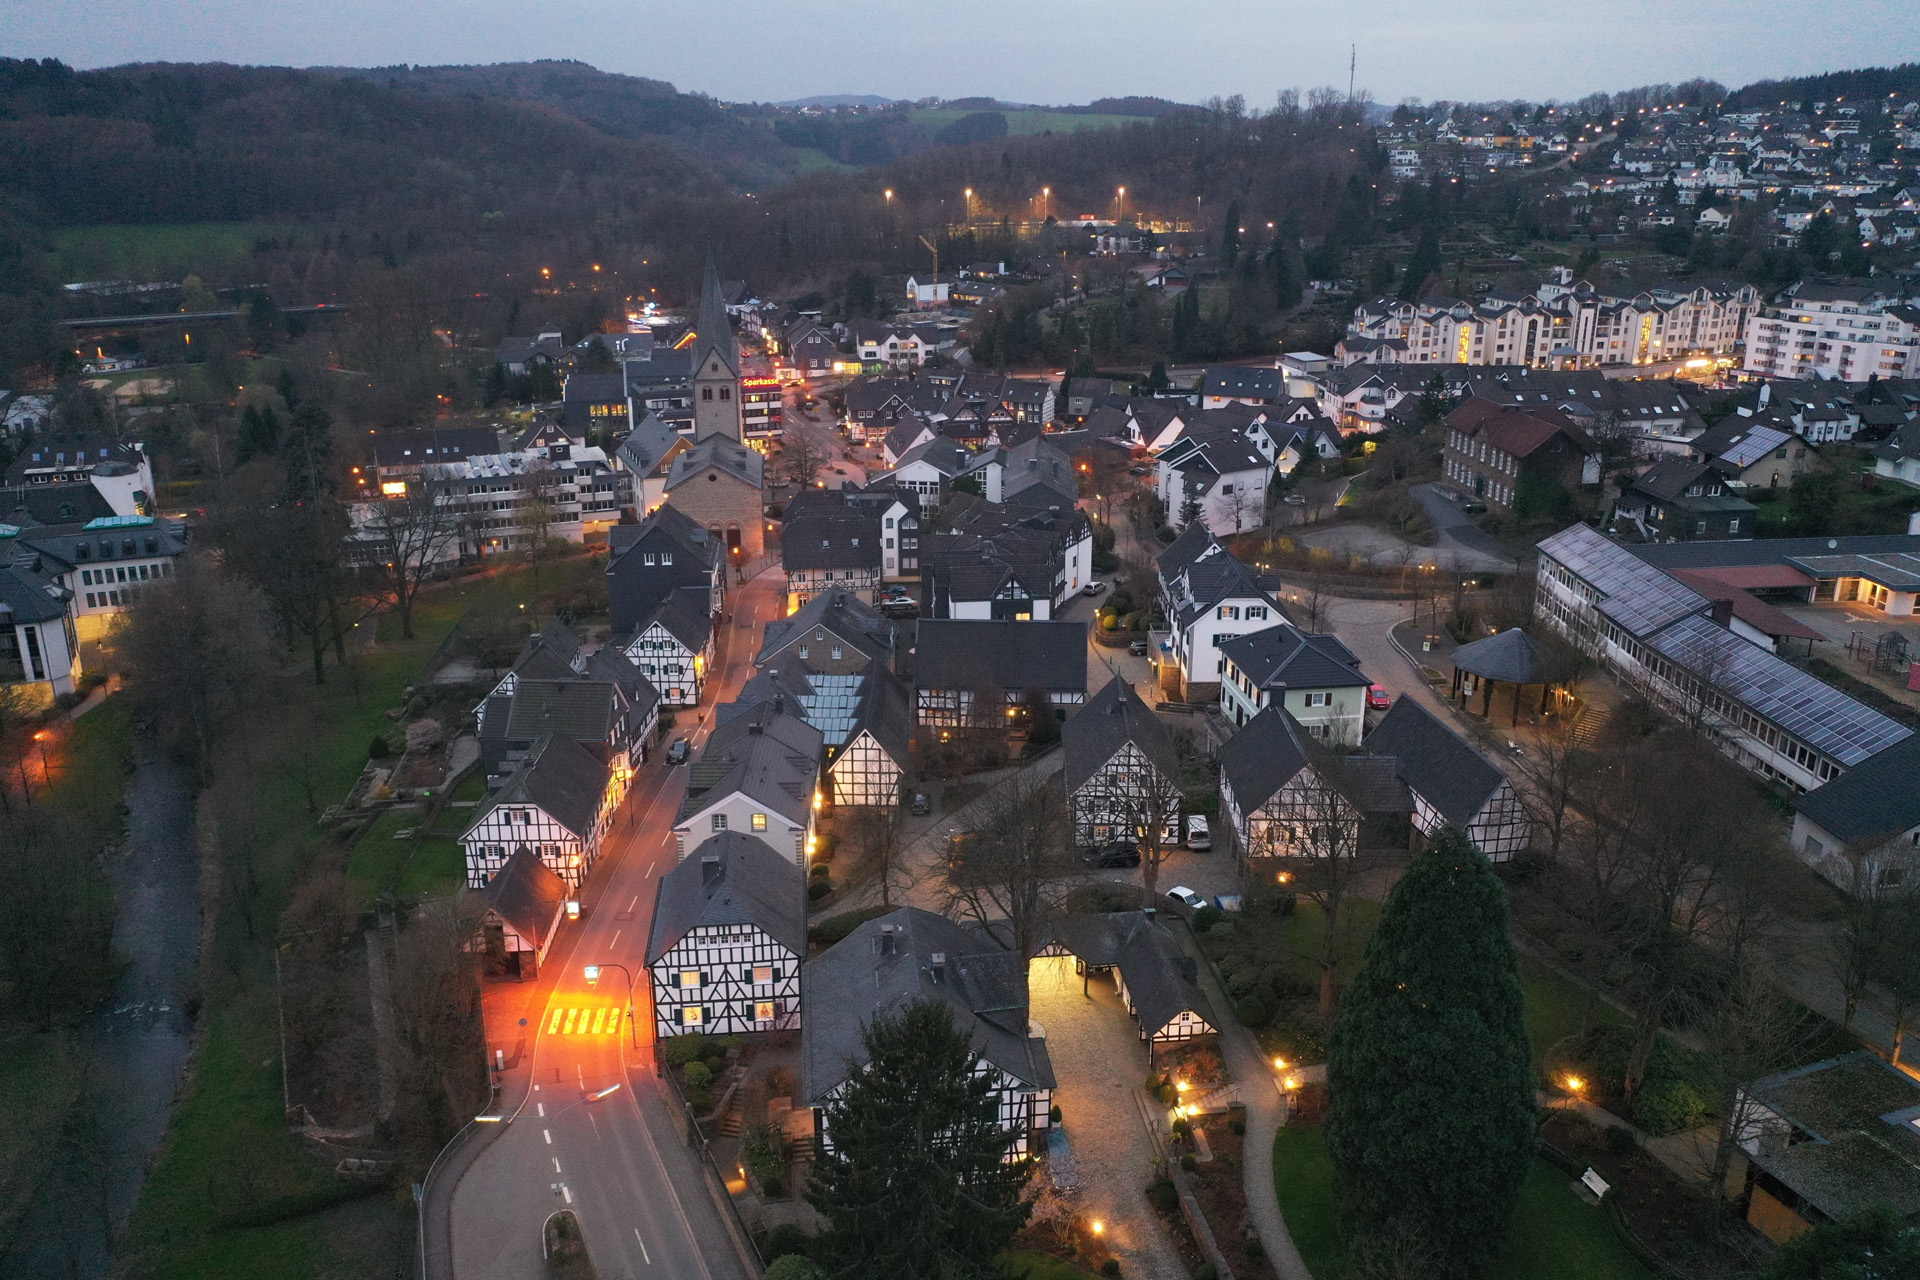 Wiehl Altstadt